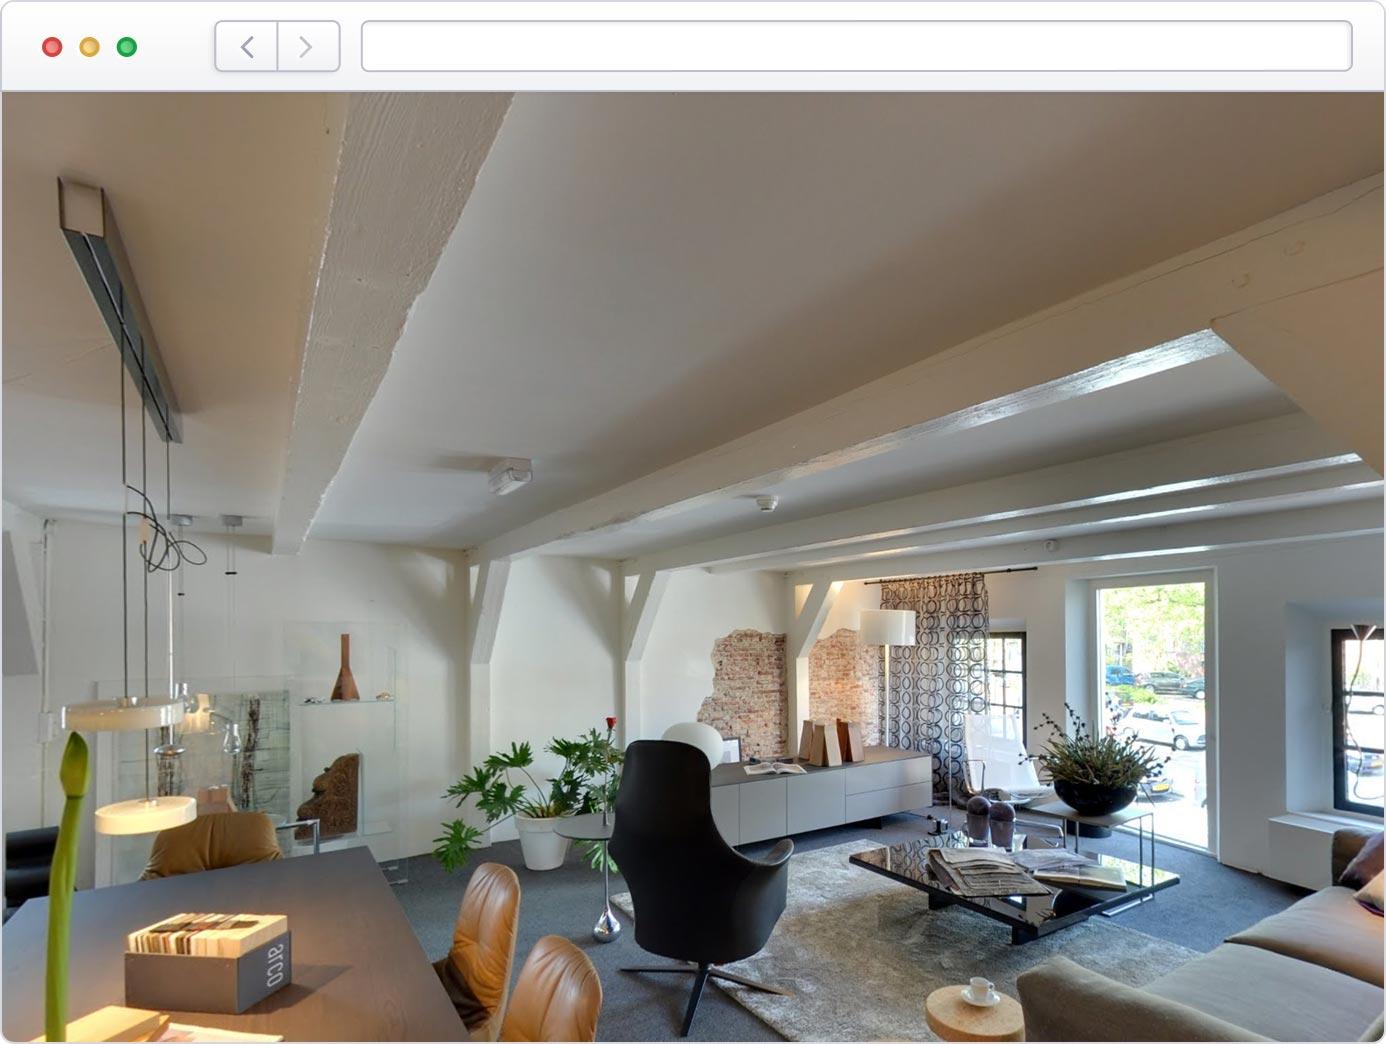 Virtuele tour van uw appartement op Google